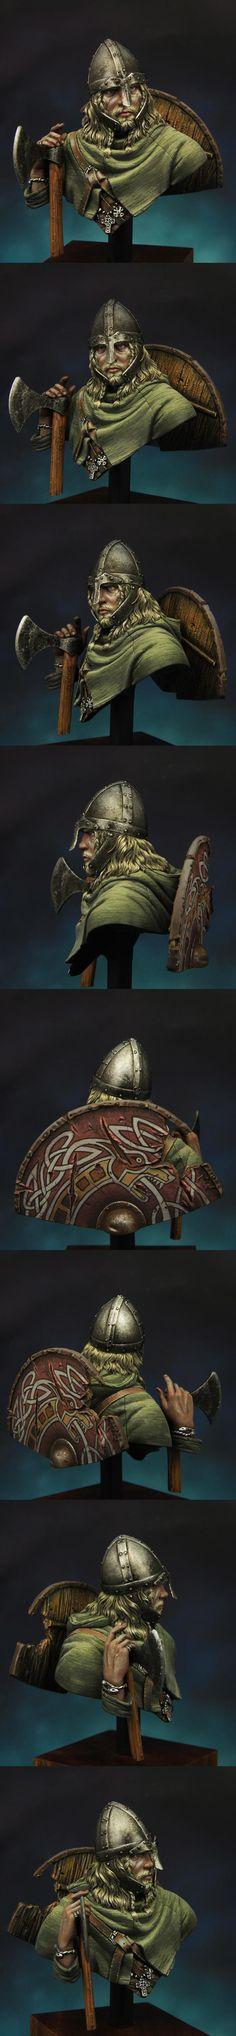 Viking válečník C.950 1 \ 10 měřítko poprsí boxart pro mladé miniatury